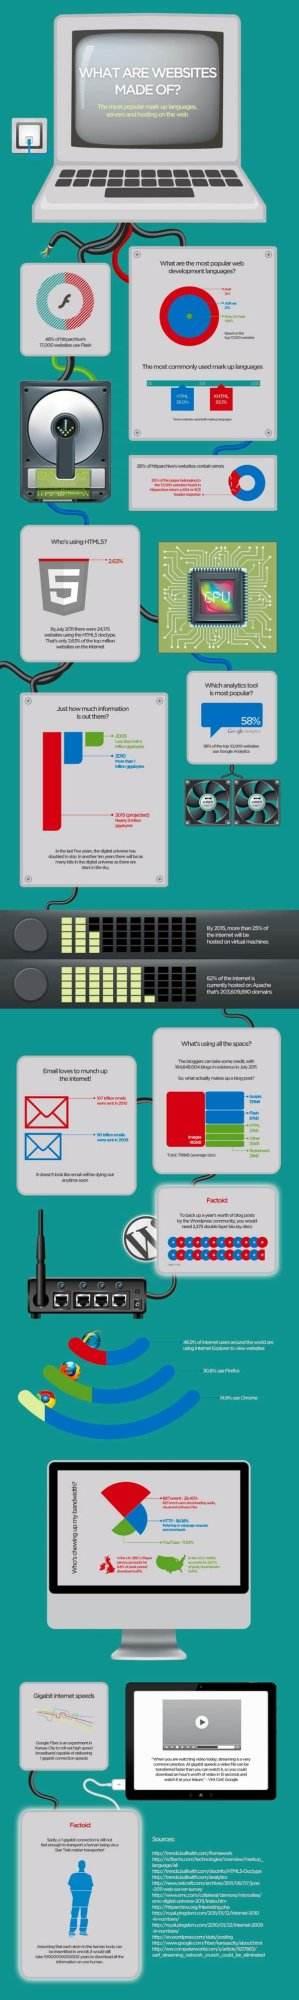 Flash, PHP oder HMTL? Vergleich der Top-Websites